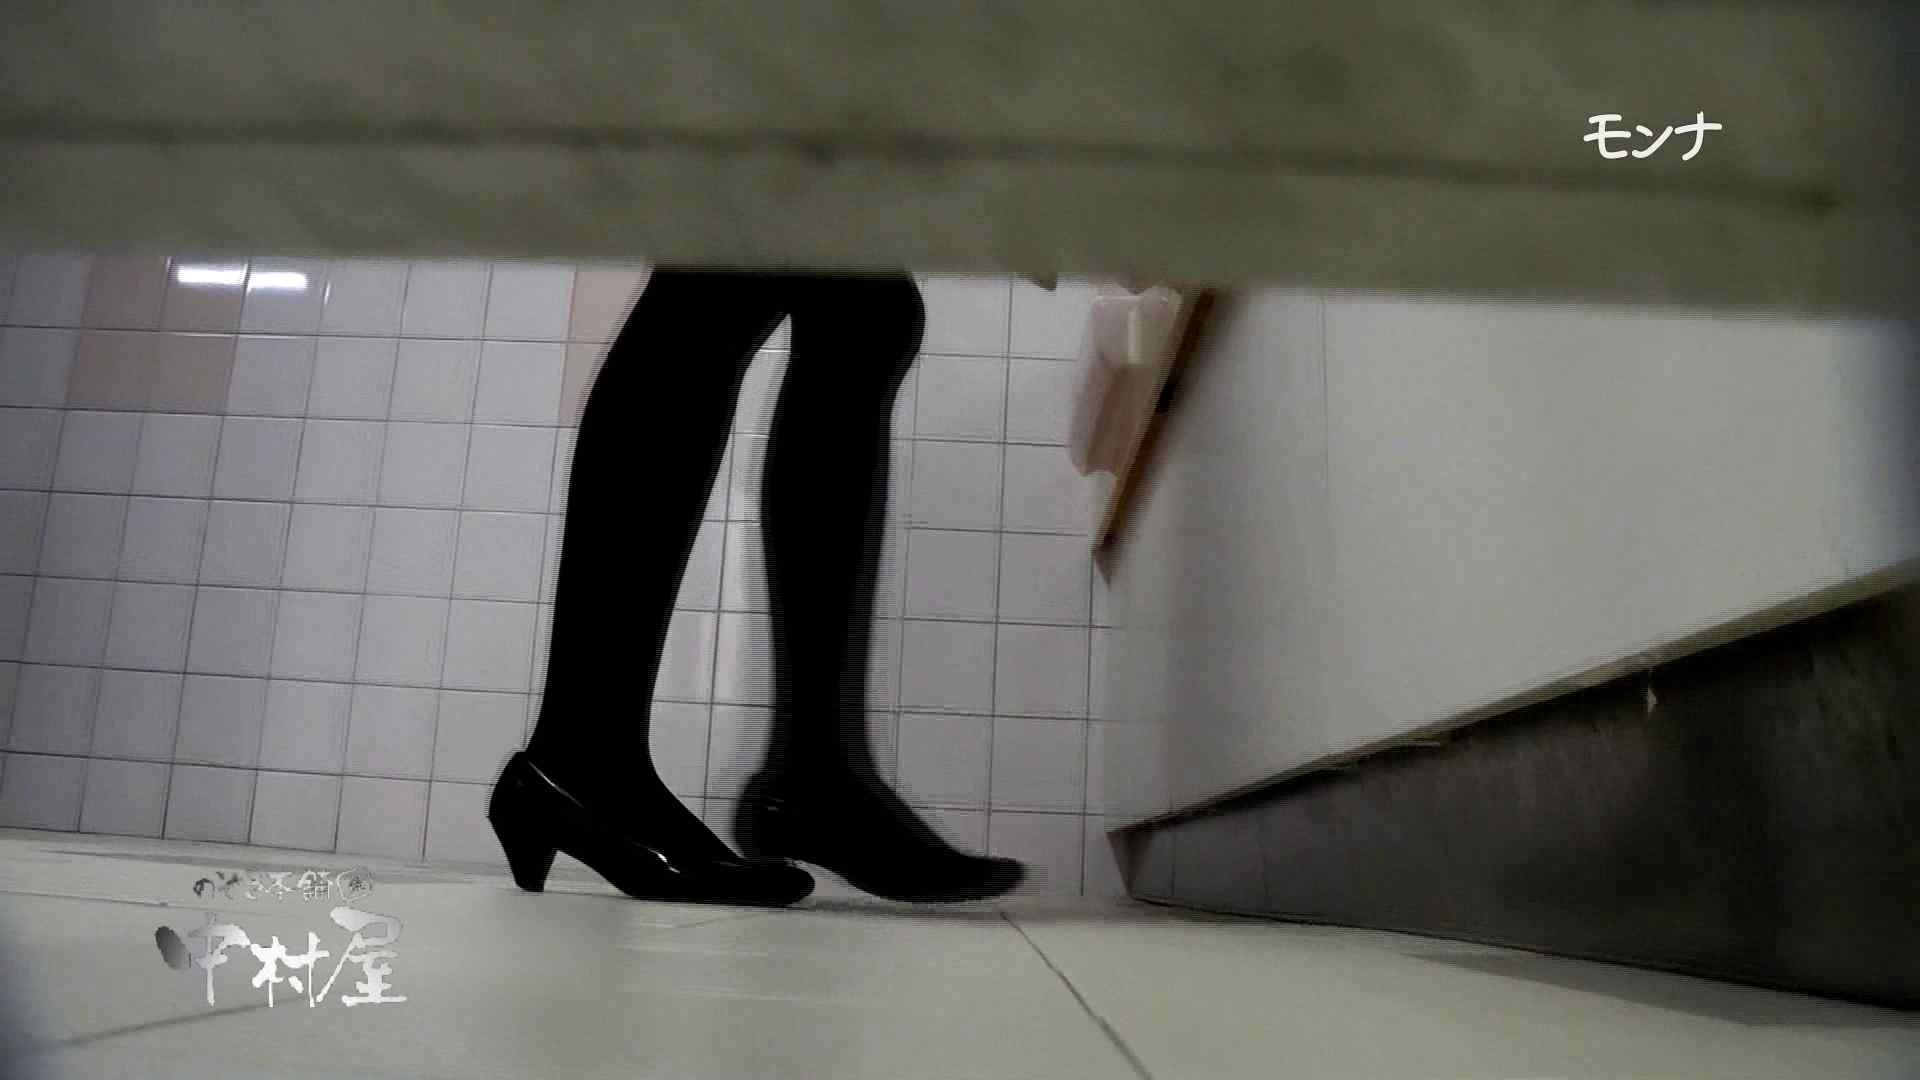 【美しい日本の未来】新学期!!下半身中心に攻めてます美女可愛い女子悪戯盗satuトイレ後編 悪戯 戯れ無修正画像 100PIX 15